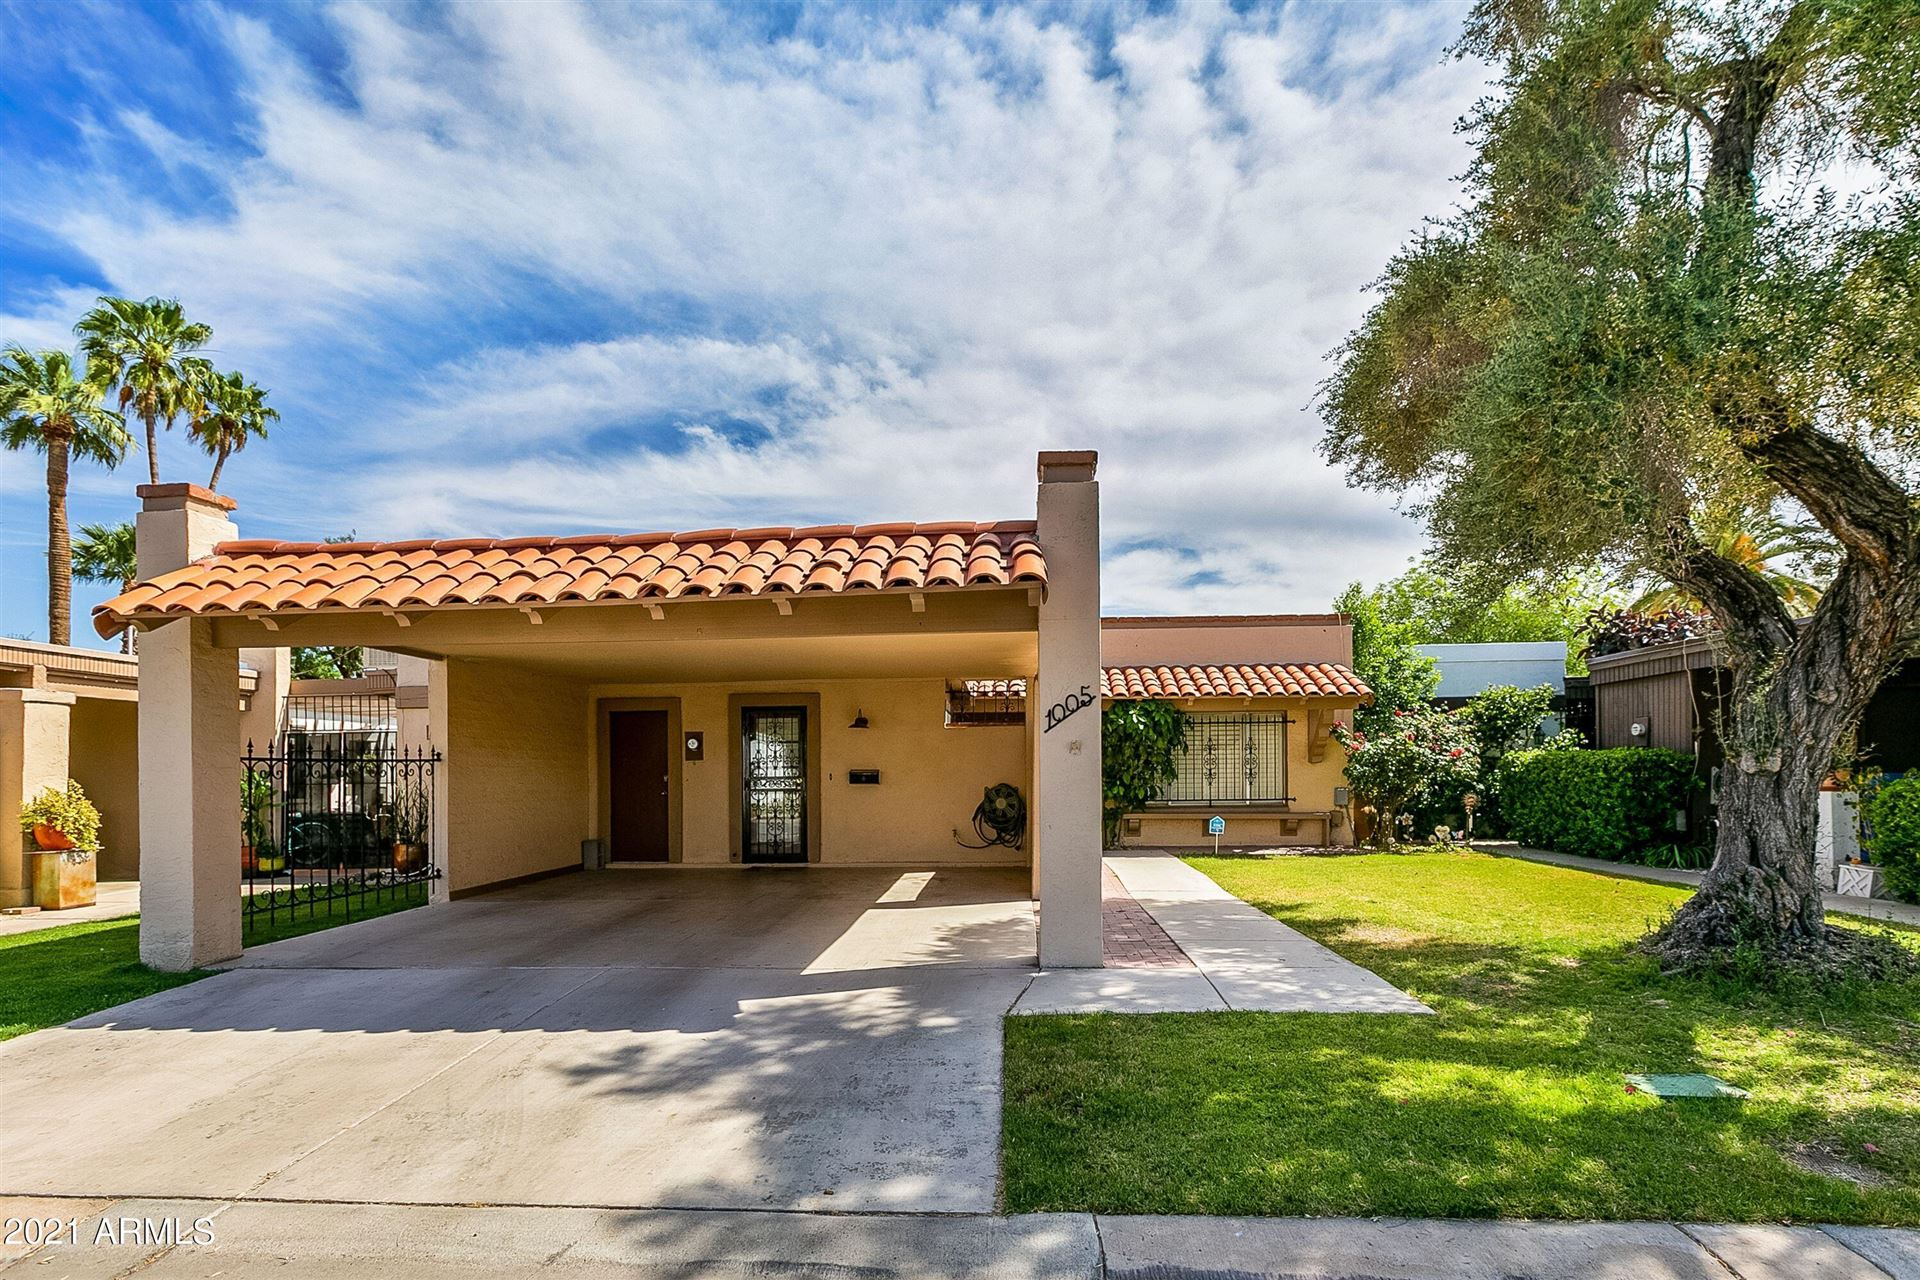 1005 W SOLCITO Lane, Phoenix, AZ 85013 - MLS#: 6232268